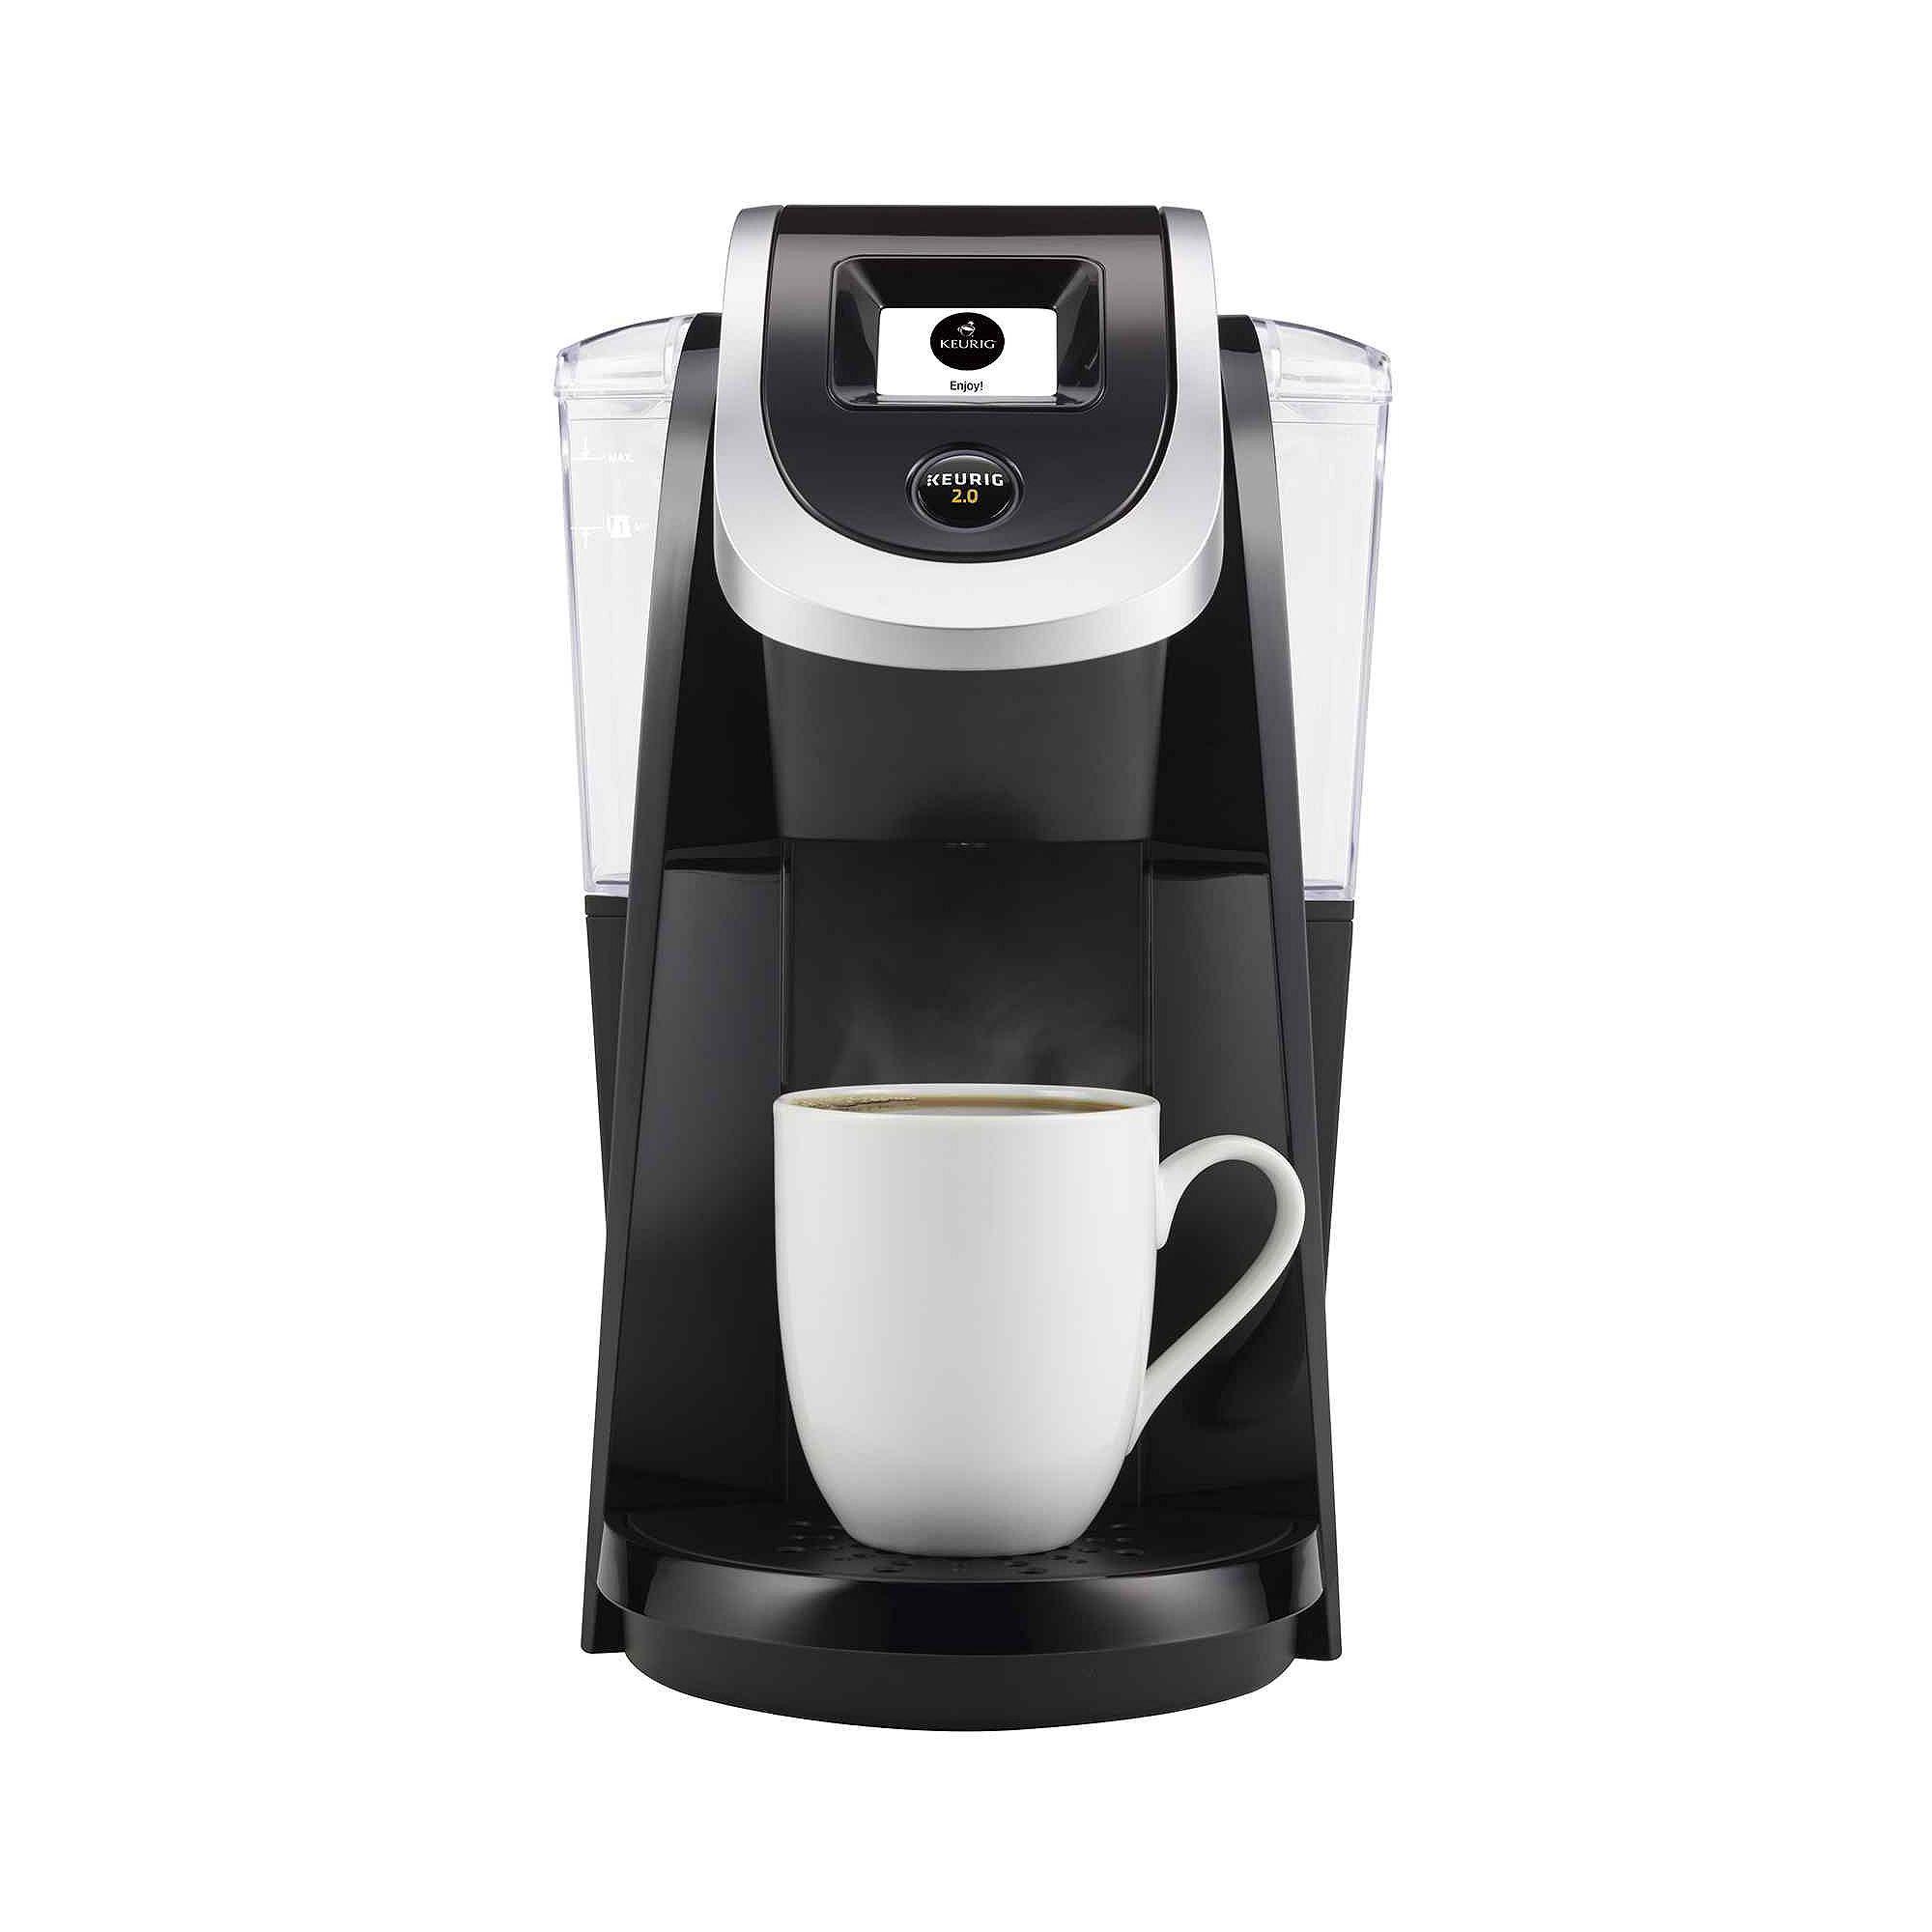 Keurig 2.0 K250 Coffee Maker Brewing System